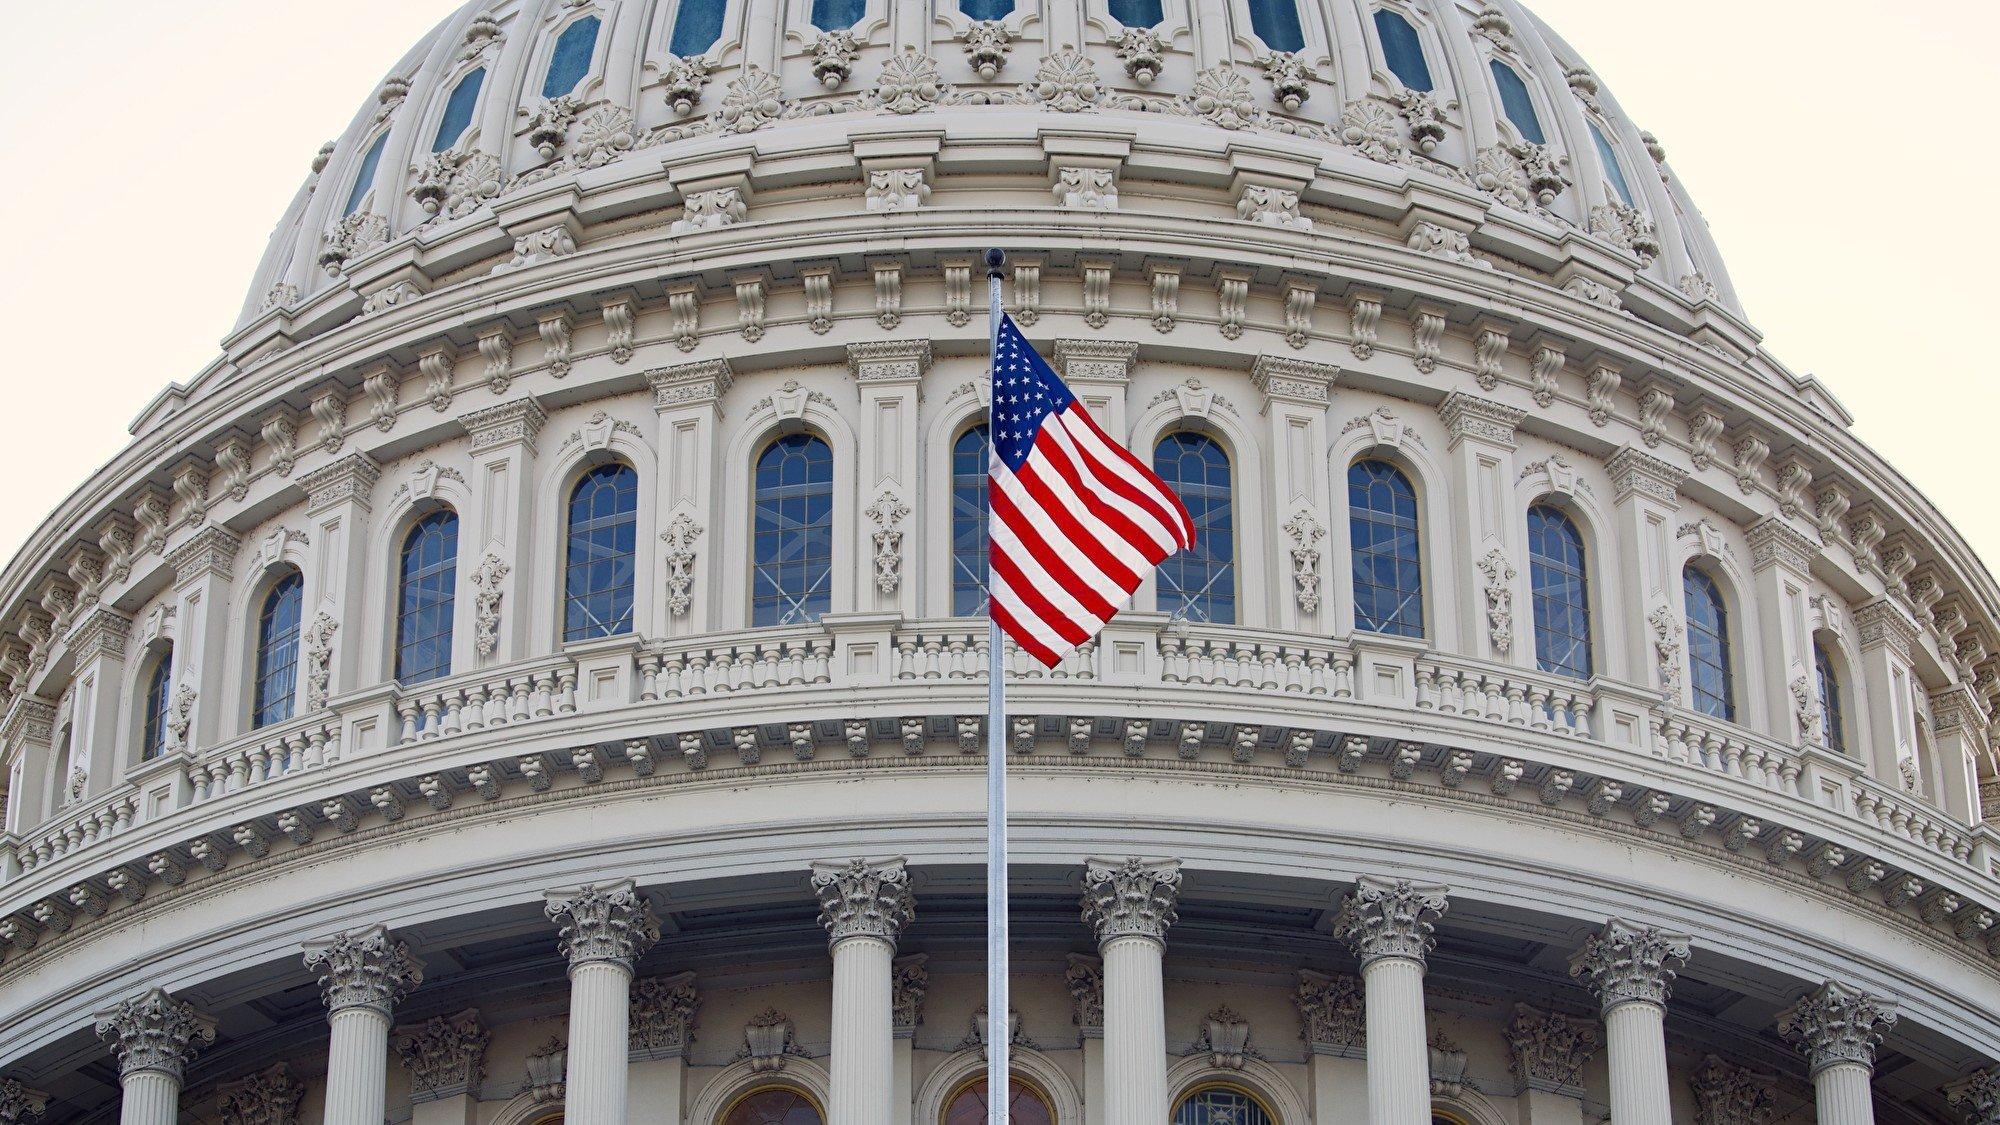 共和黨人在翻轉國會席位中大獲成功,尤其是女性共和黨人。此次大選後,女性國會議員的人數將創下歷史最多記錄。圖為飄揚在美國國會大廈上空的美國國旗。(York Du/大紀元)